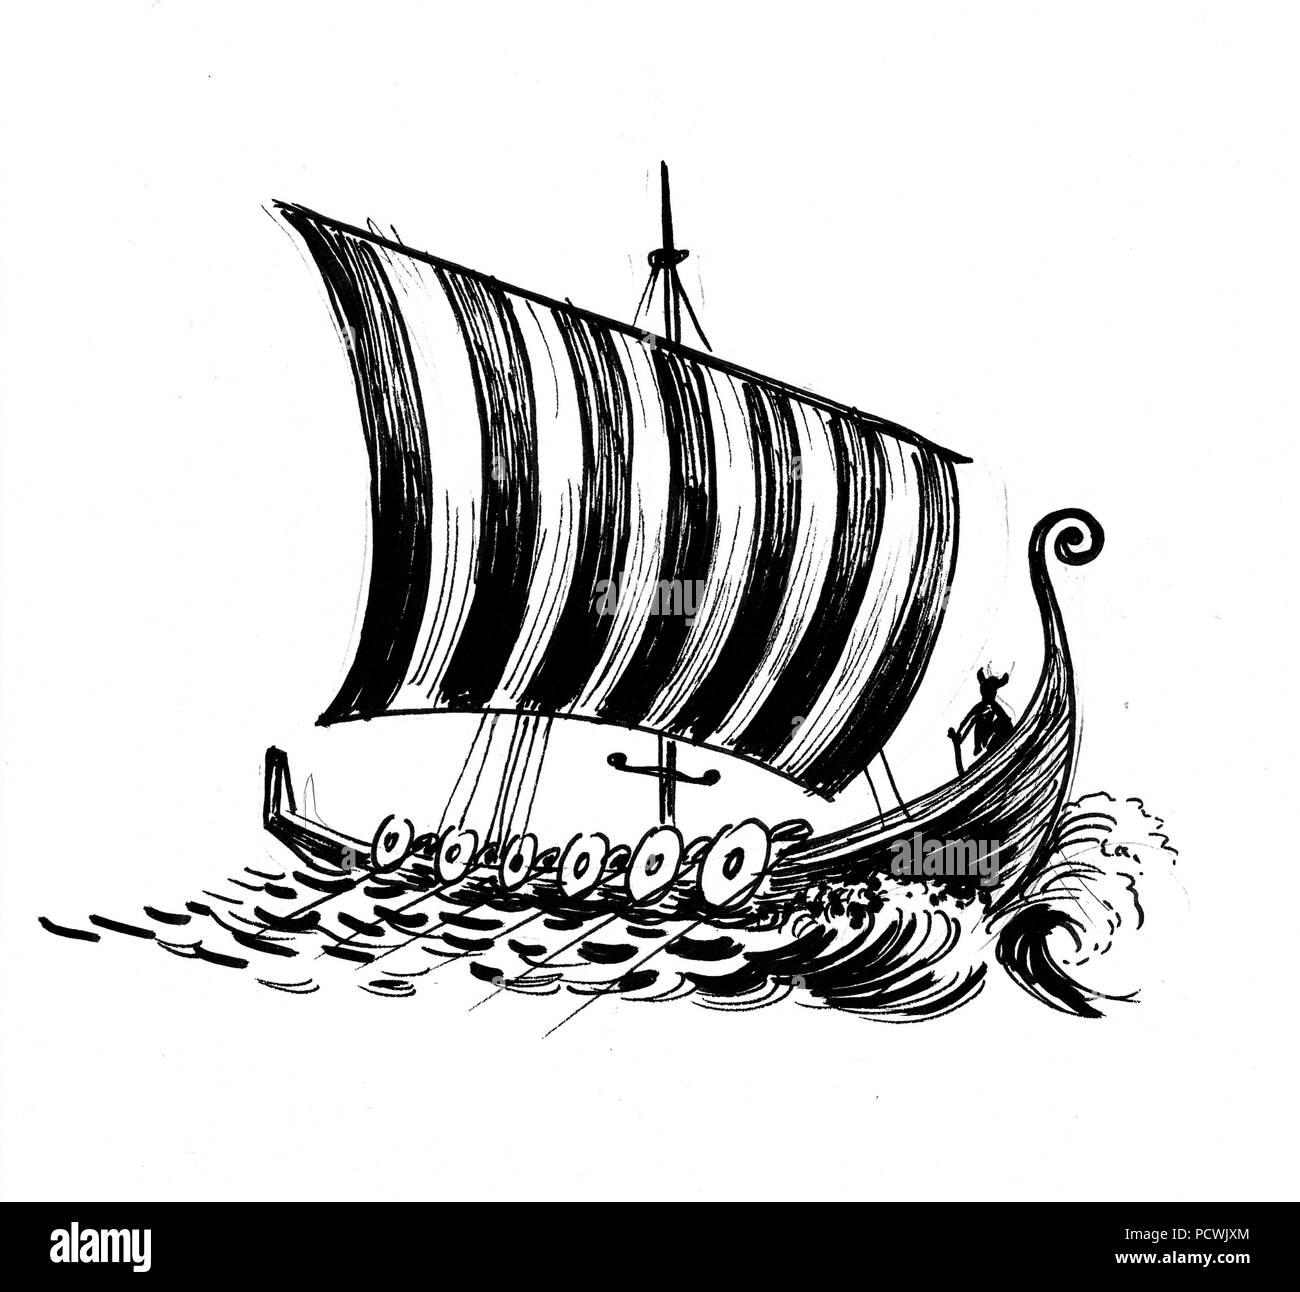 Ancien Bateau Viking Dans La Mer Dessin Noir Et Blanc Encre